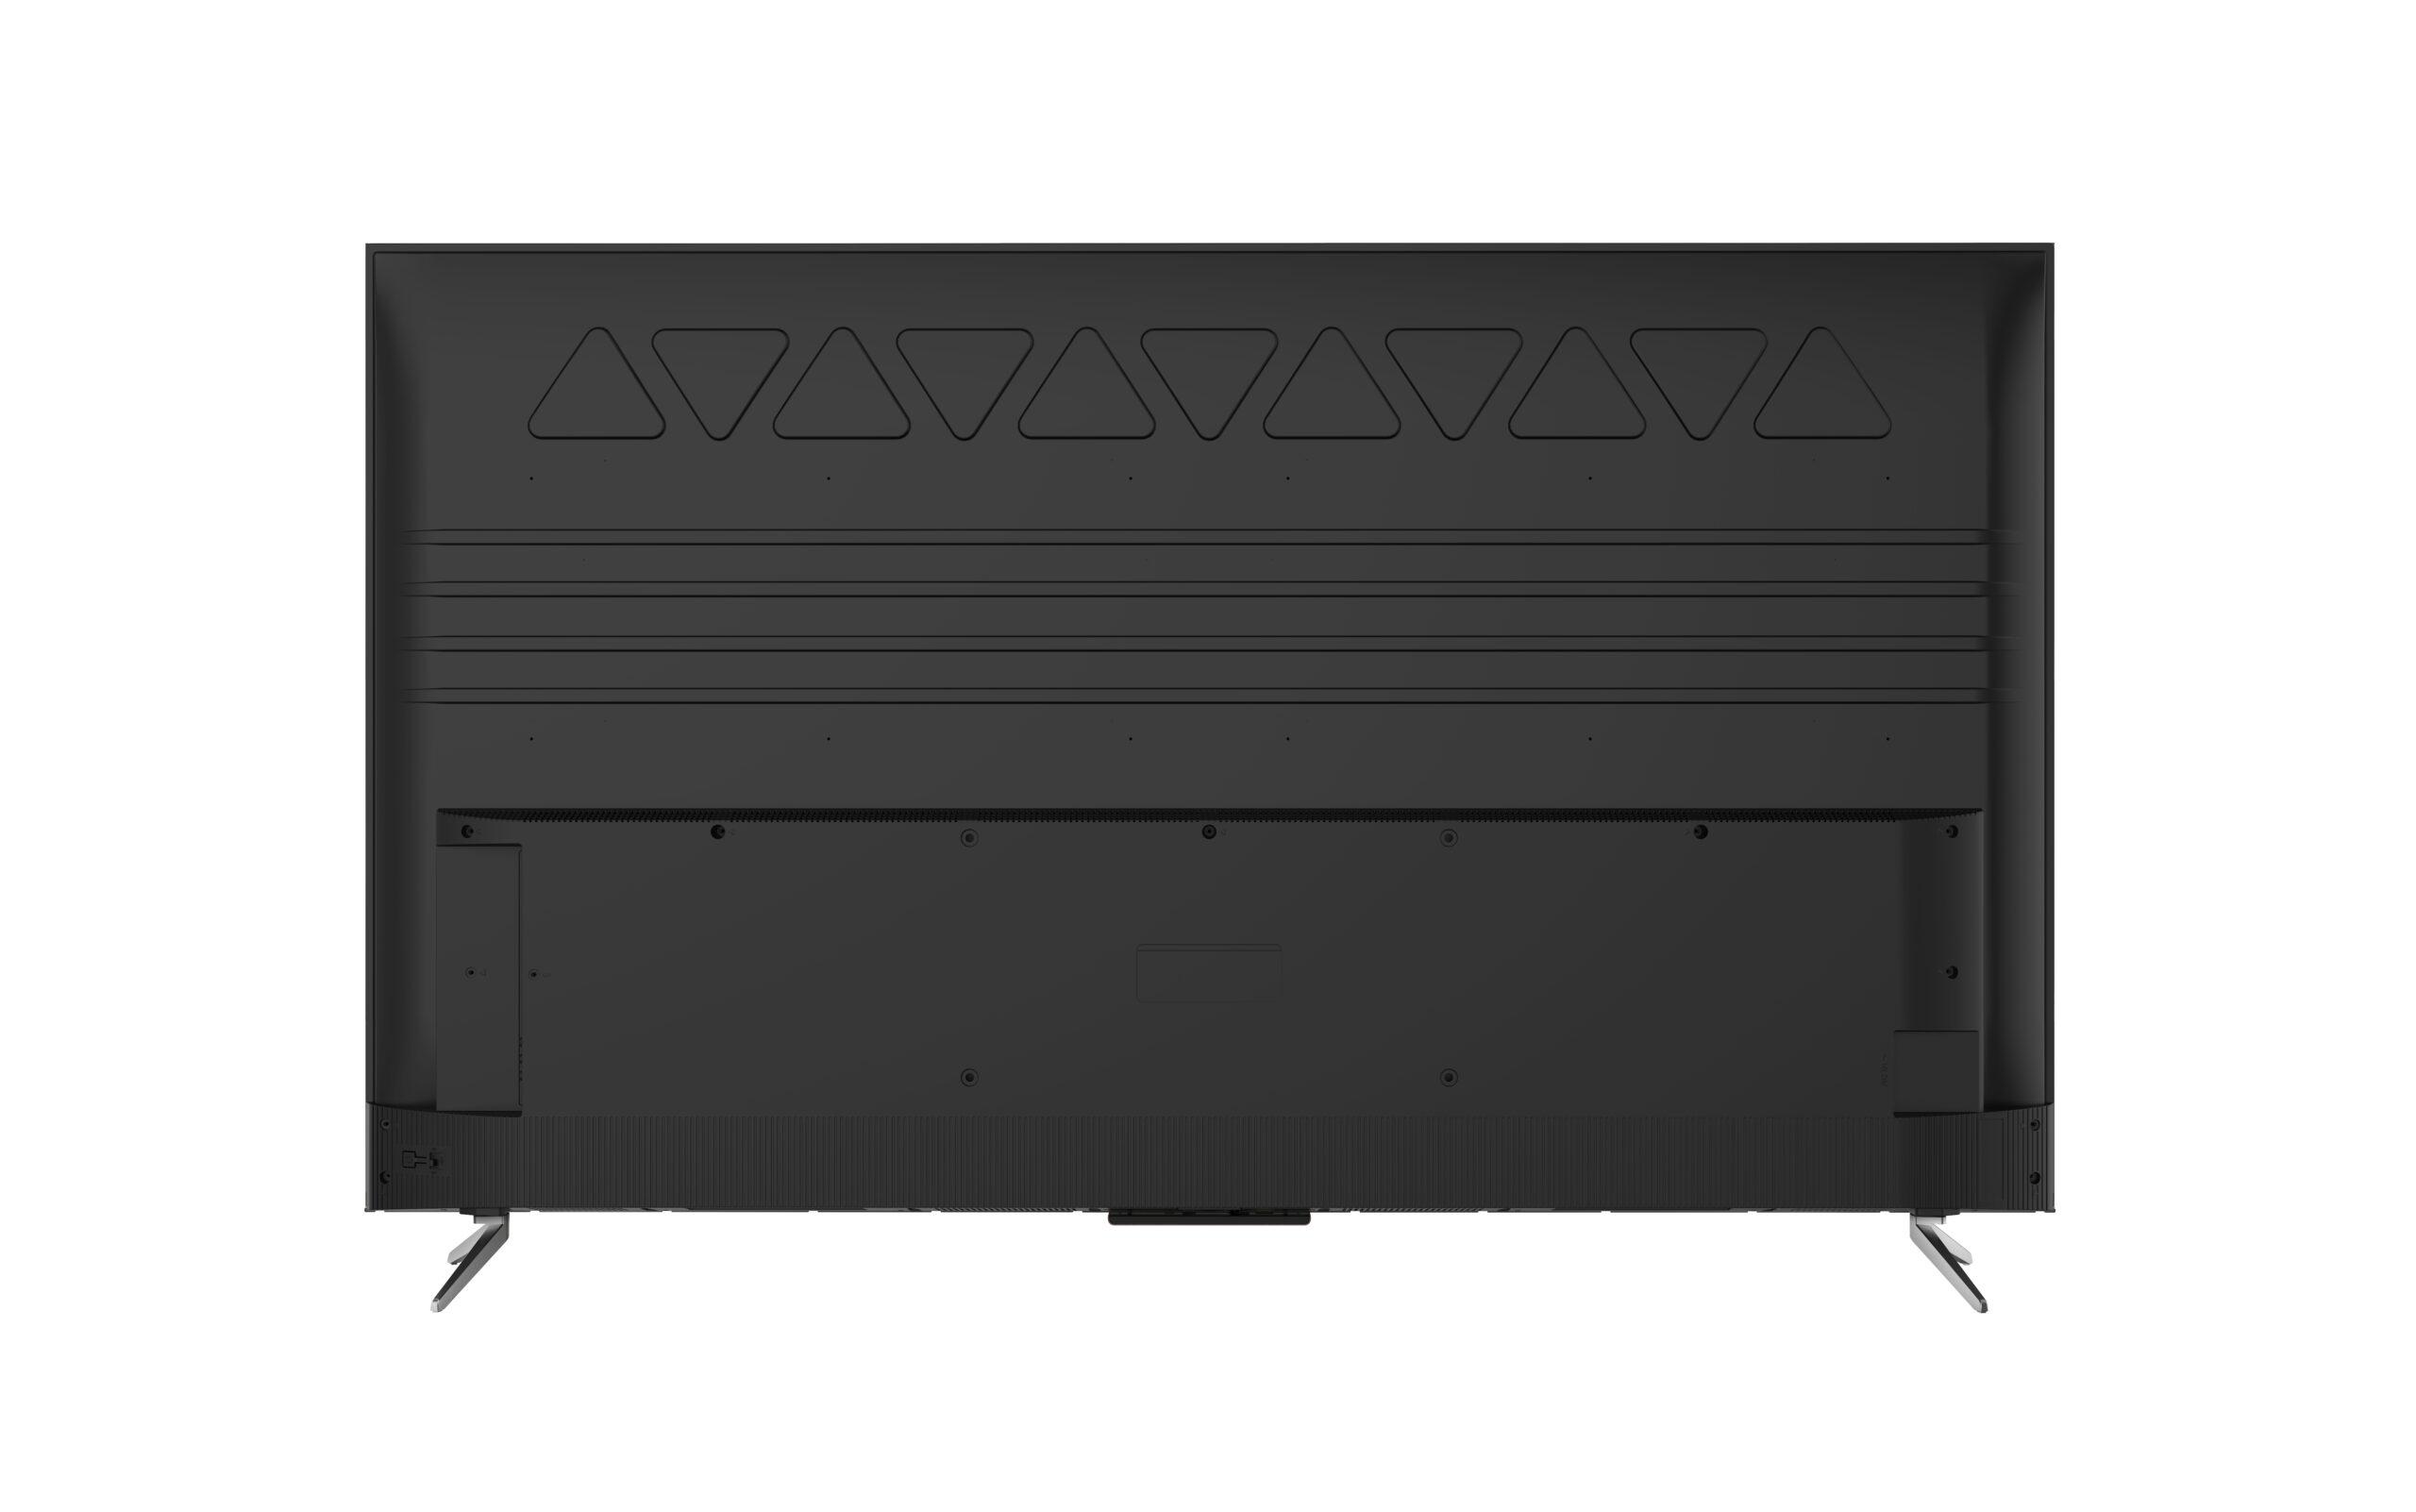 Le Smart TV 4K della serie TCL P71 arrivano oggi in Italia a prezzi ottimi 1